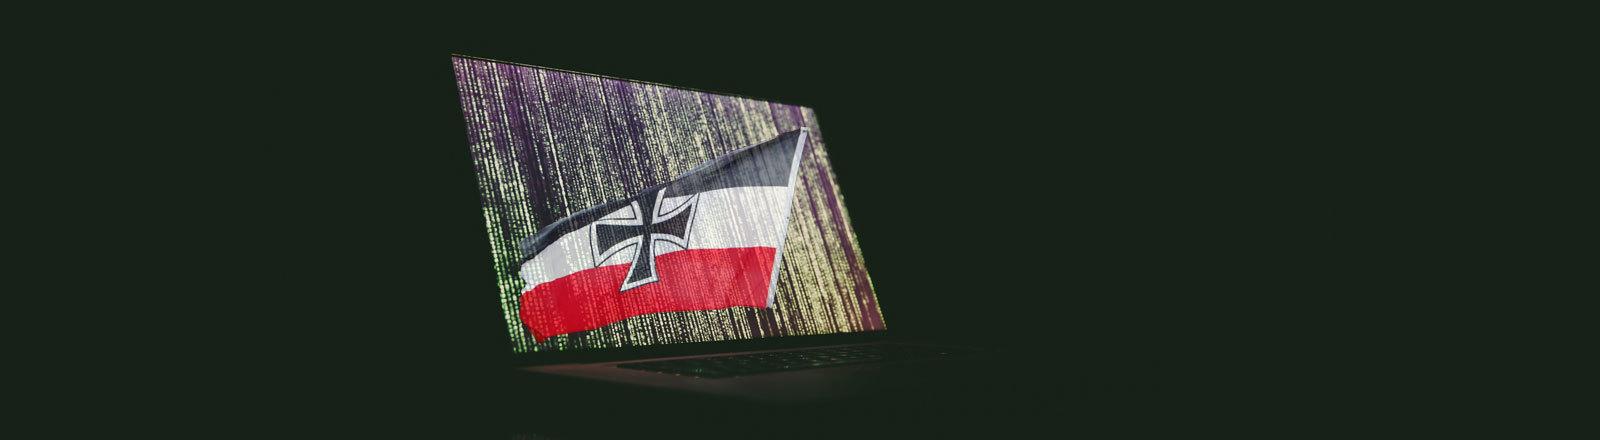 Reichsflagge Rechtsextreme Internet